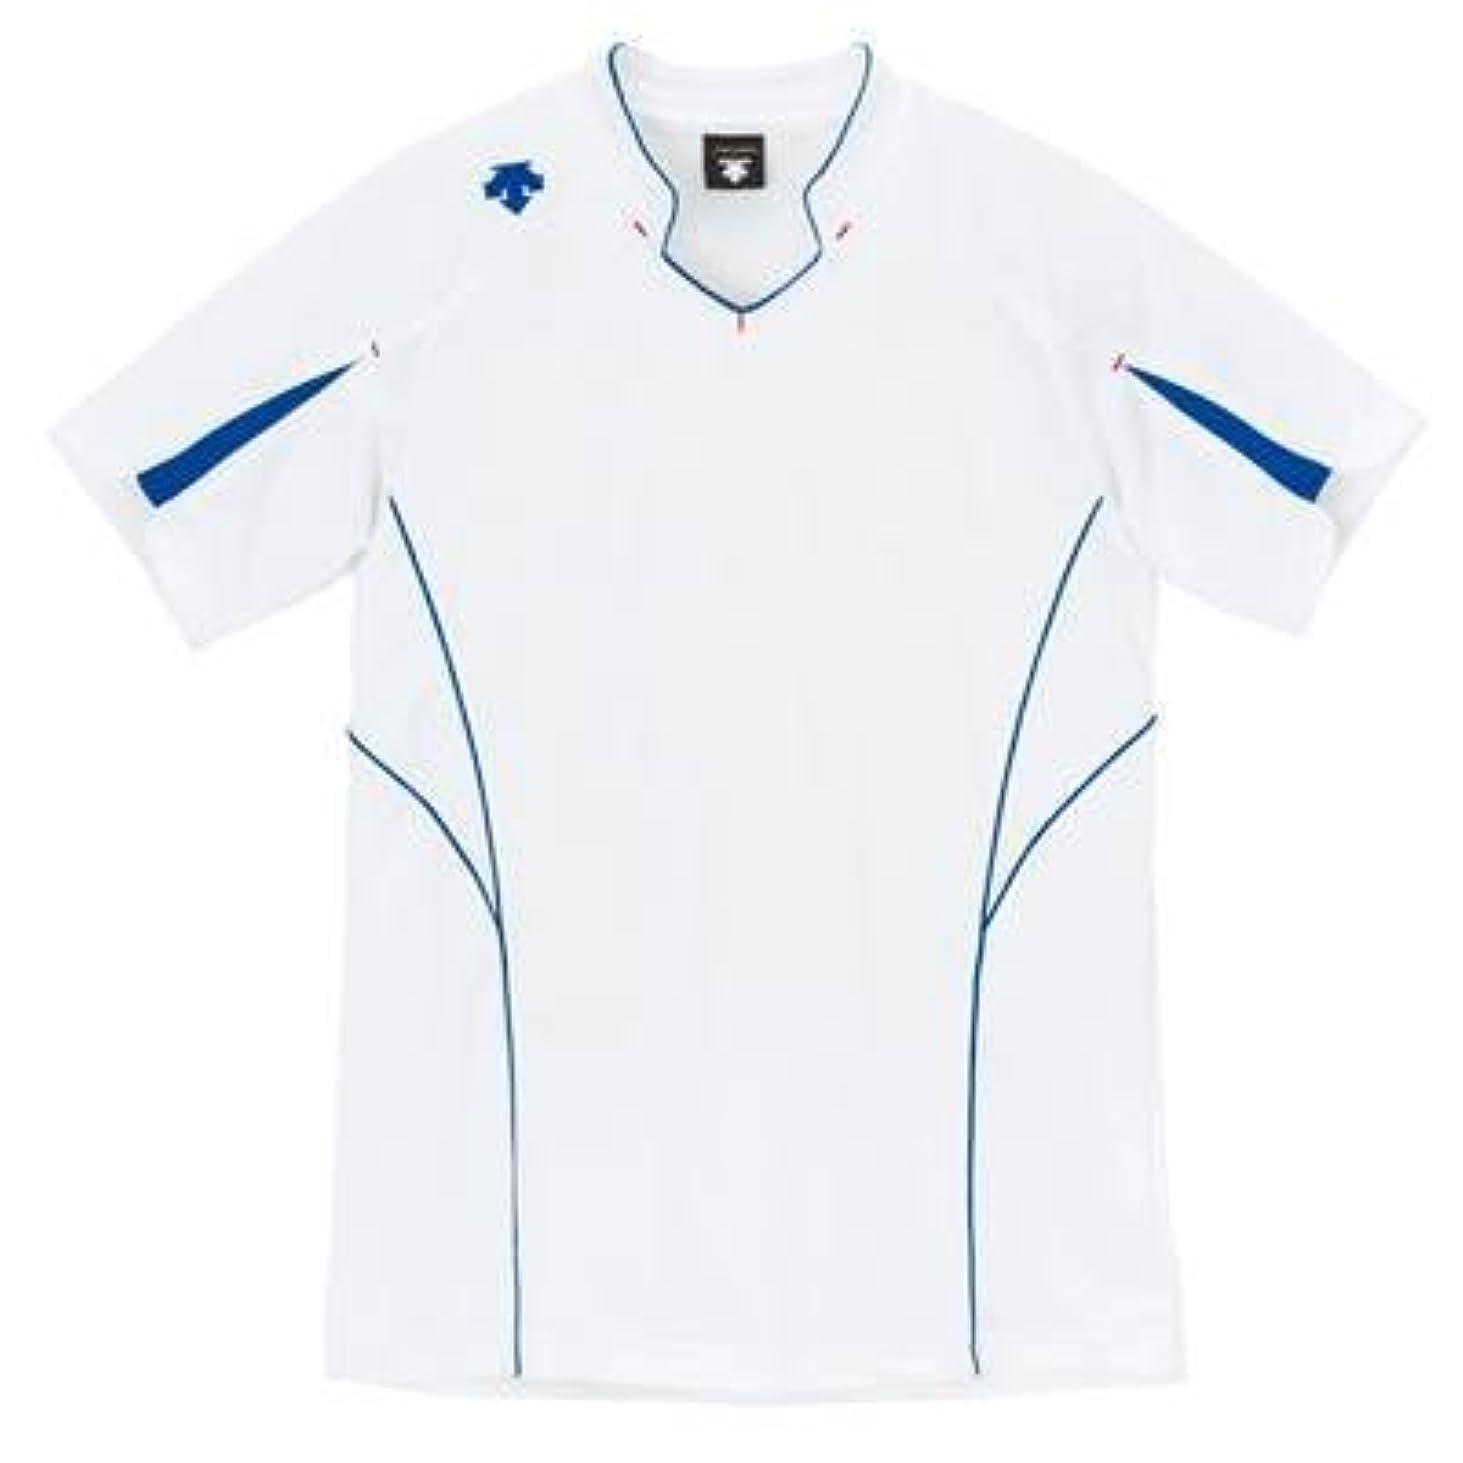 夜の動物園飼い慣らすアラーム(デサント) DESCENTE バレーボール 半袖ゲームシャツ DSS-4822 (WAB ホワイトxAブルー, M)